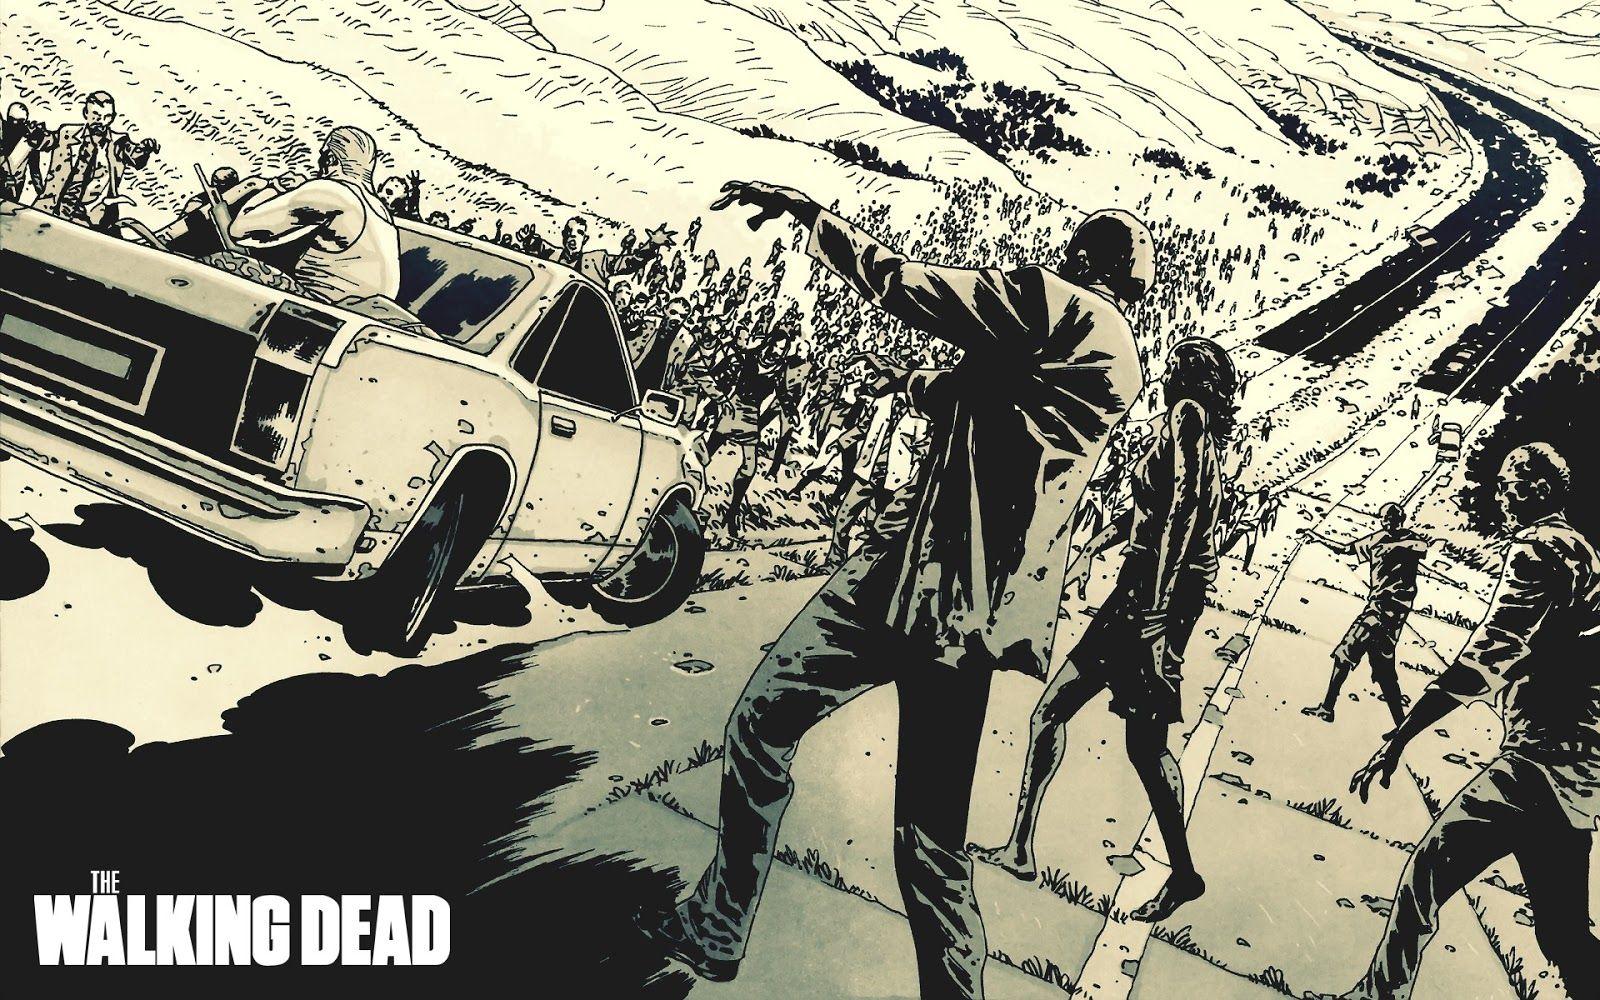 The Walking Dead Wallpaper Zombie Wallpaper Walking Dead